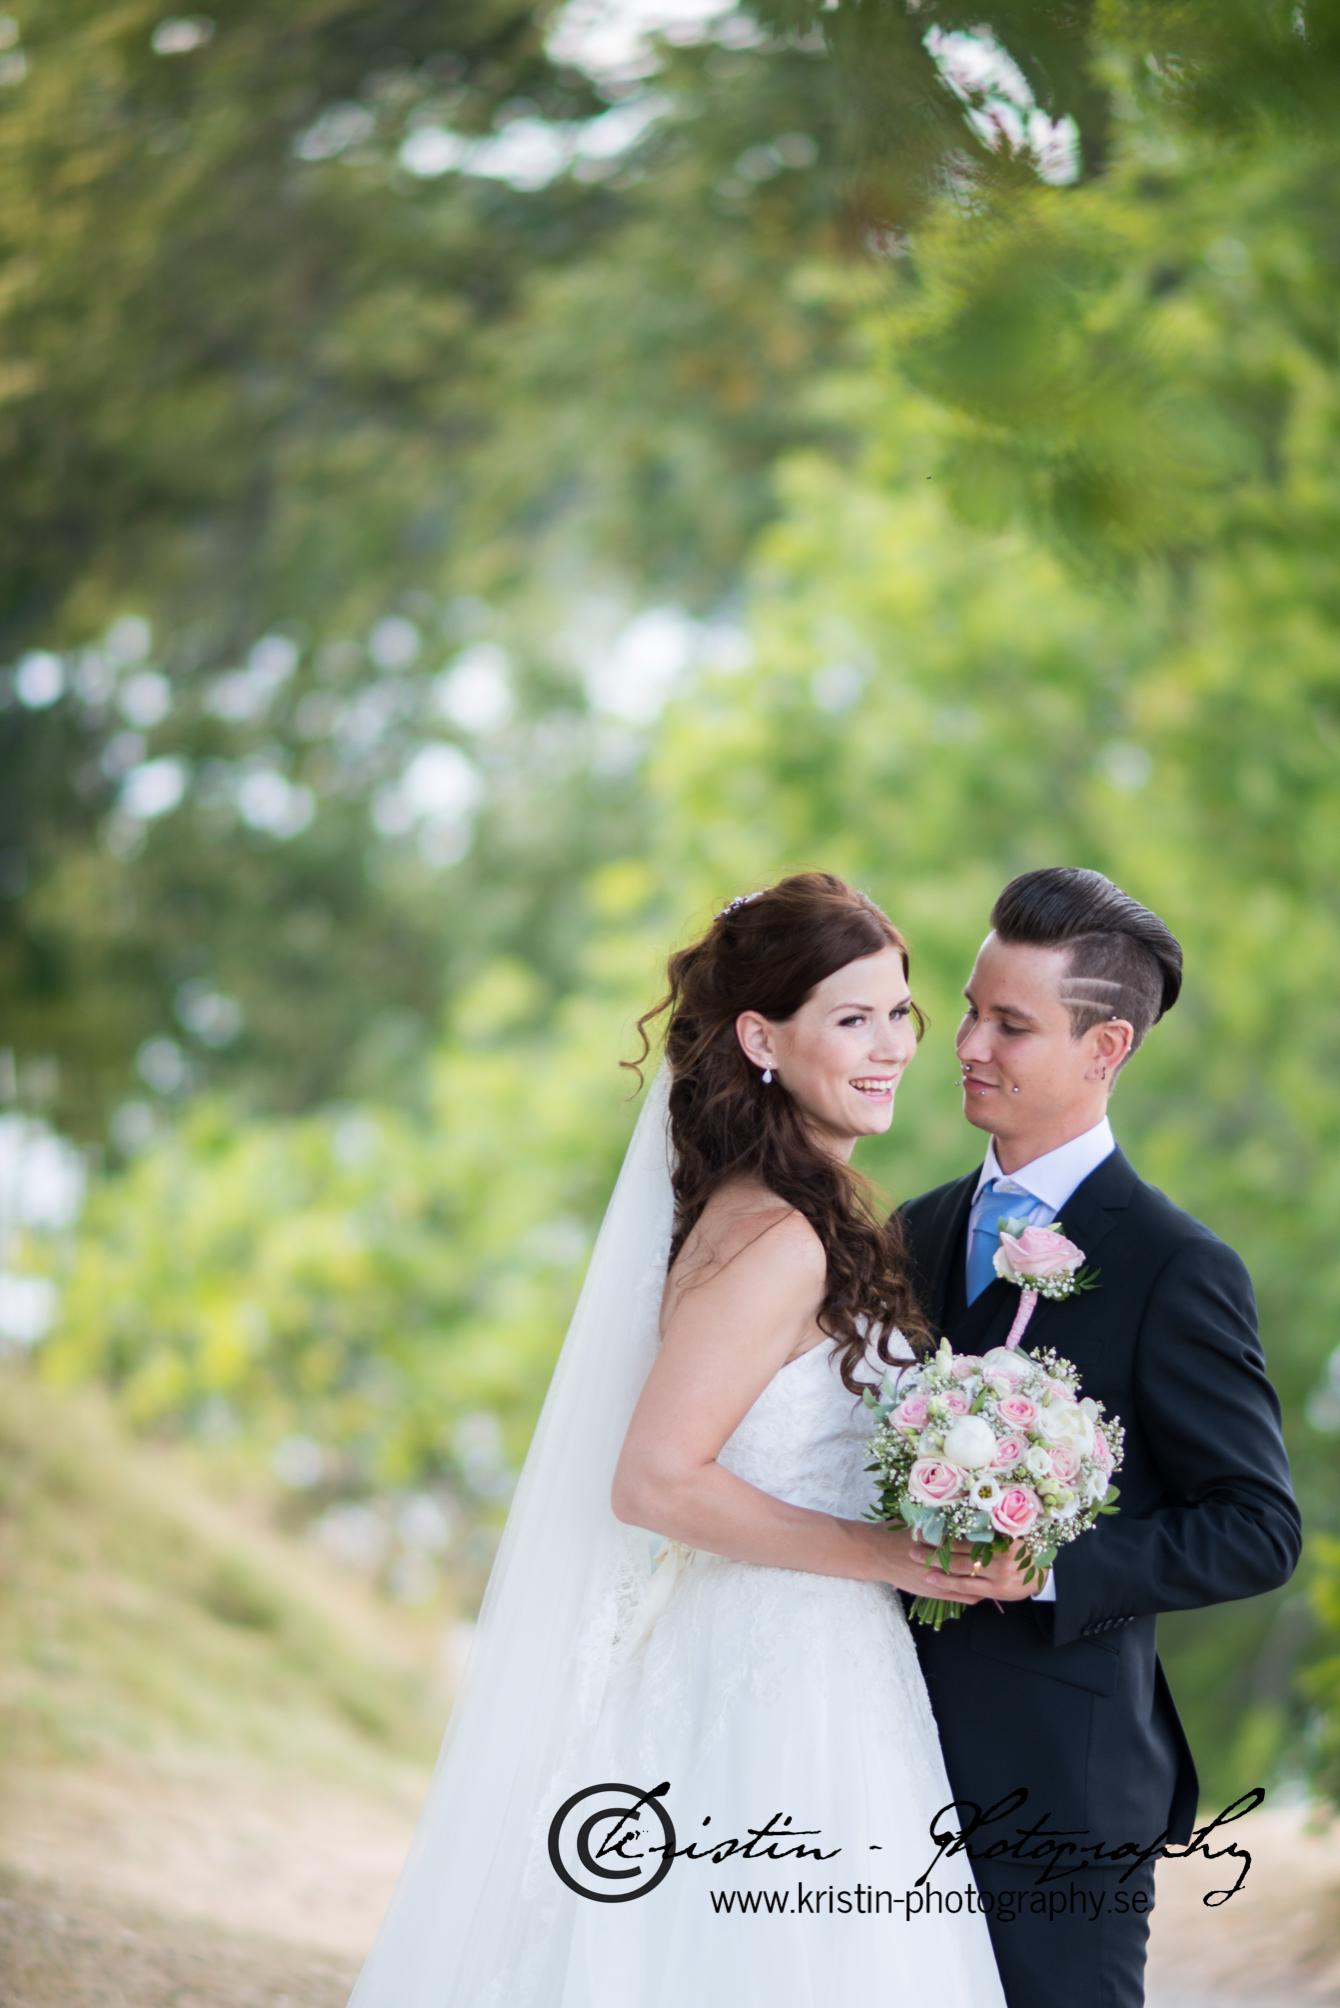 Bröllopsfotograf i Eskilstuna, Kristin - Photography, weddingphotographer -281.jpg